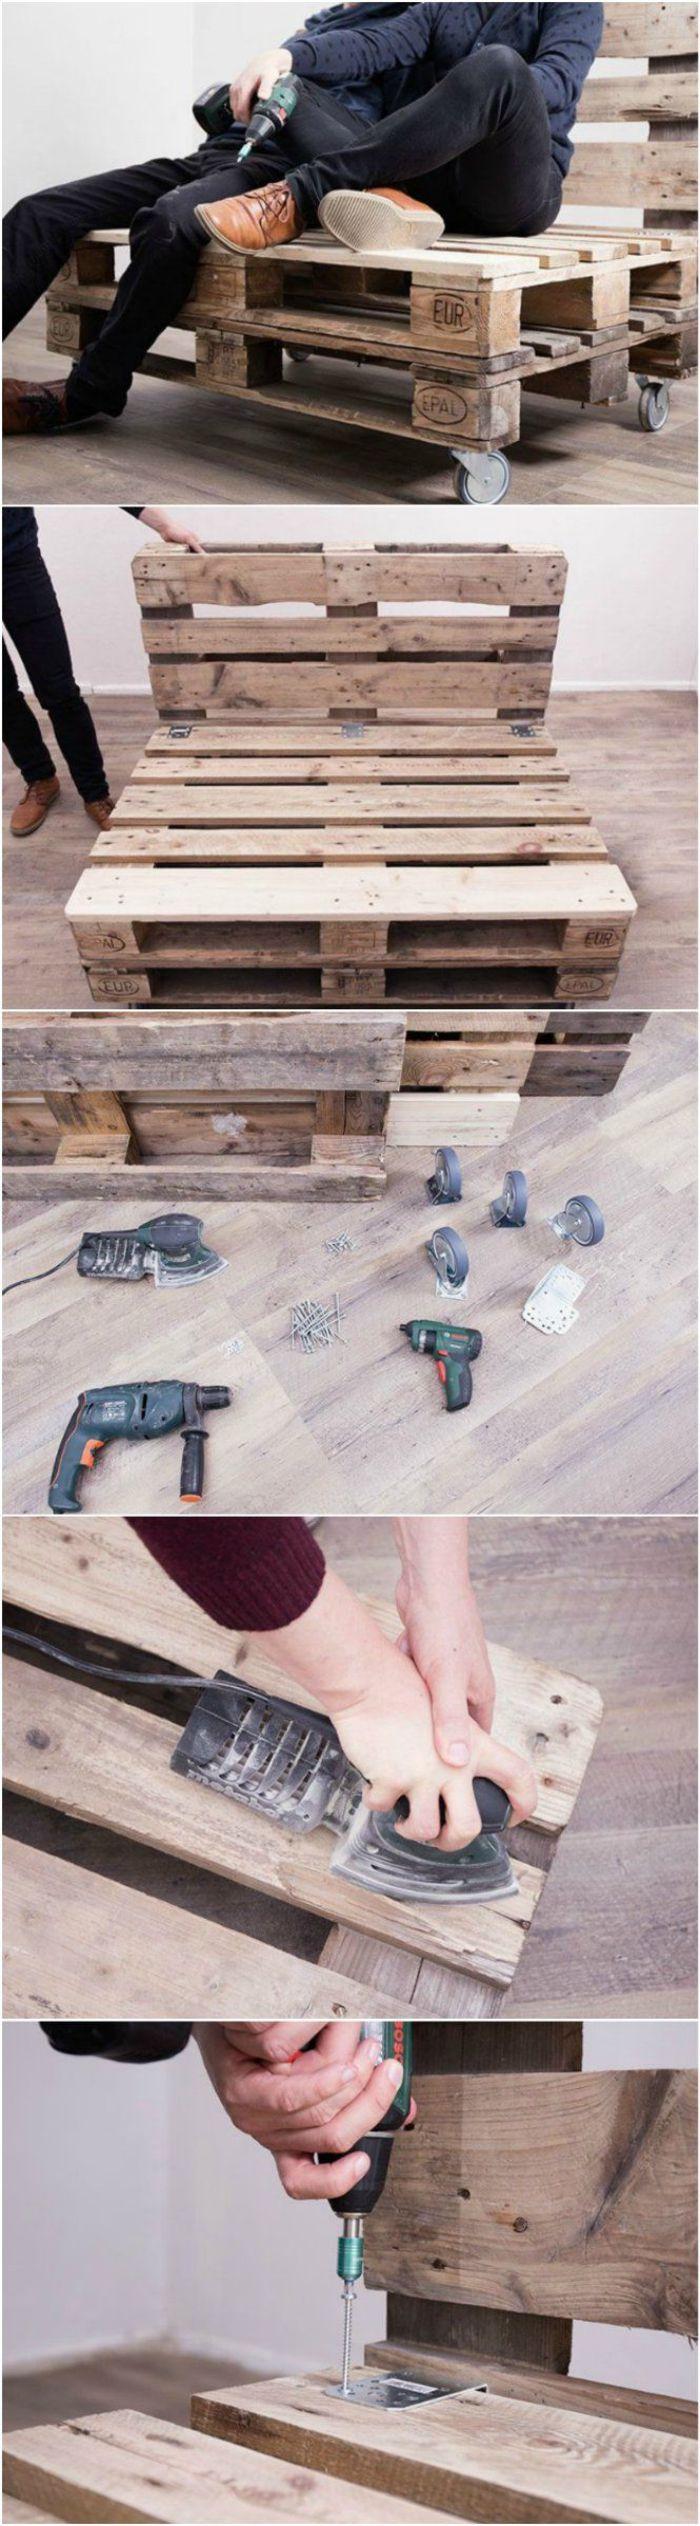 ▷ 1001+ idées créatives pour fabriquer des meubles en palette